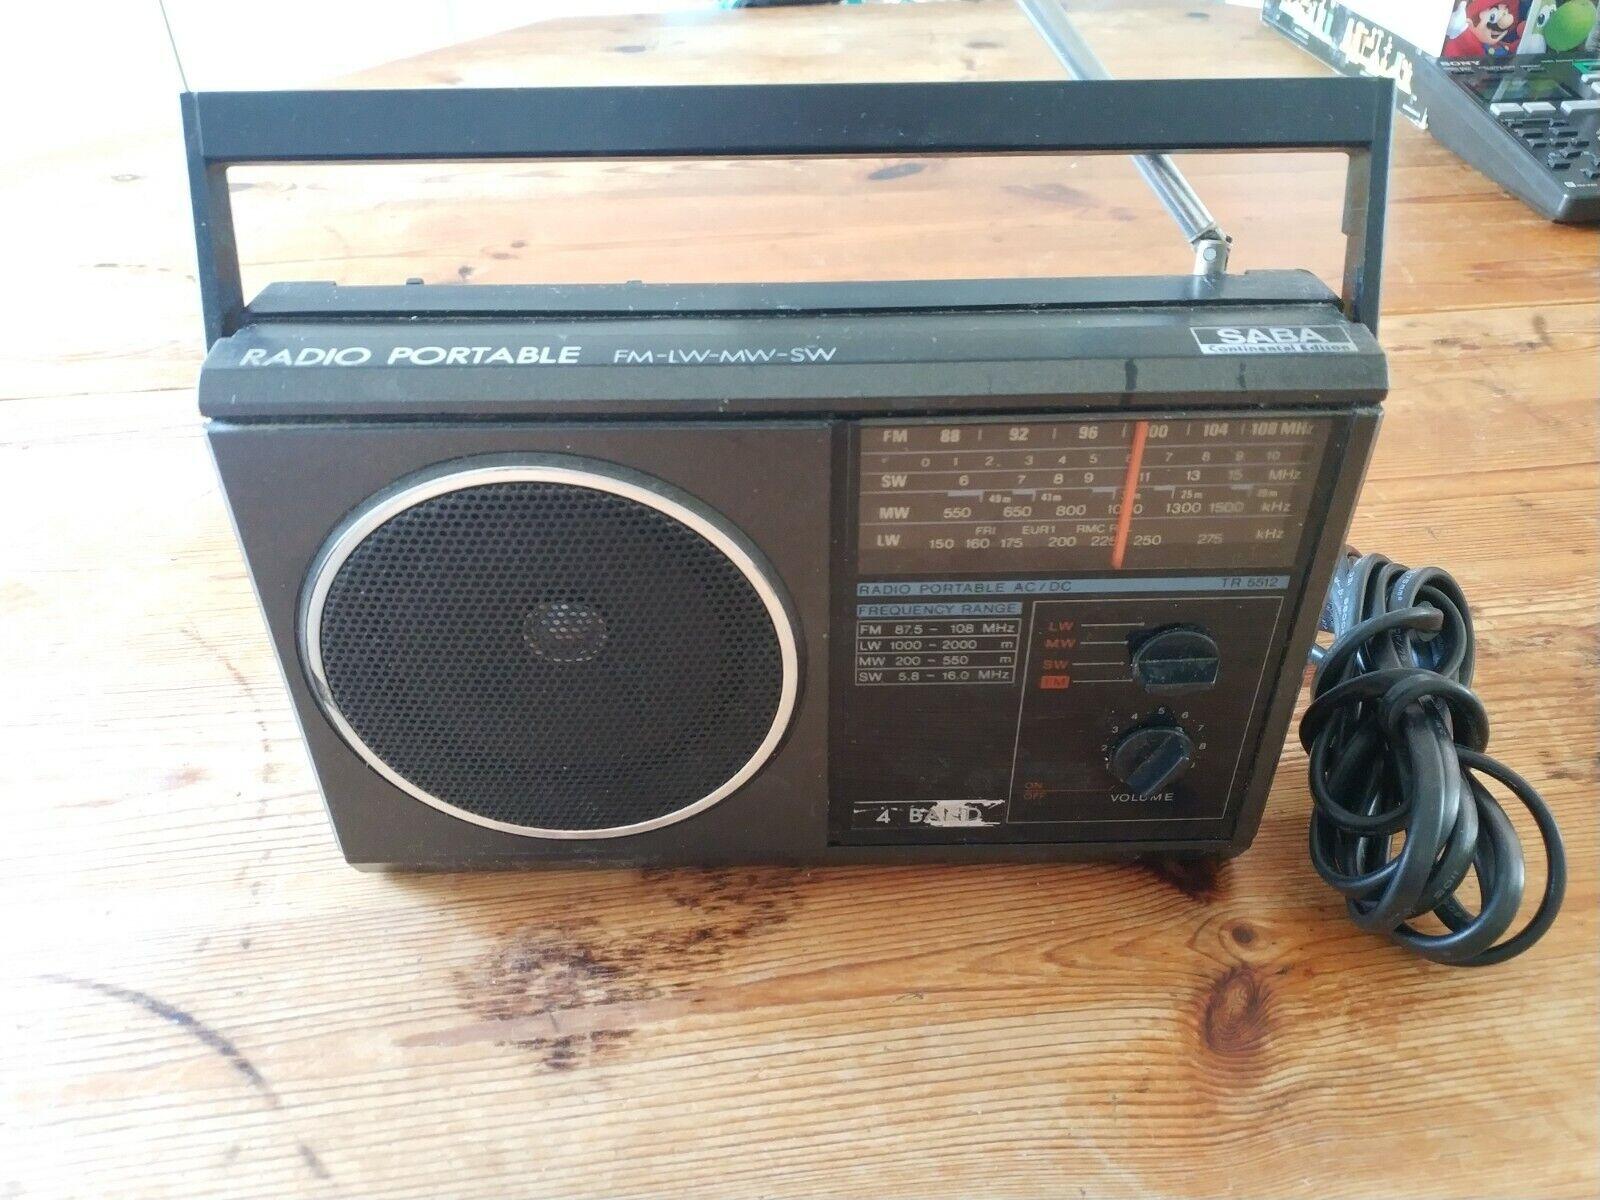 Radio Portable Multibande 4 bandes Saba FM-LW-MW-SW